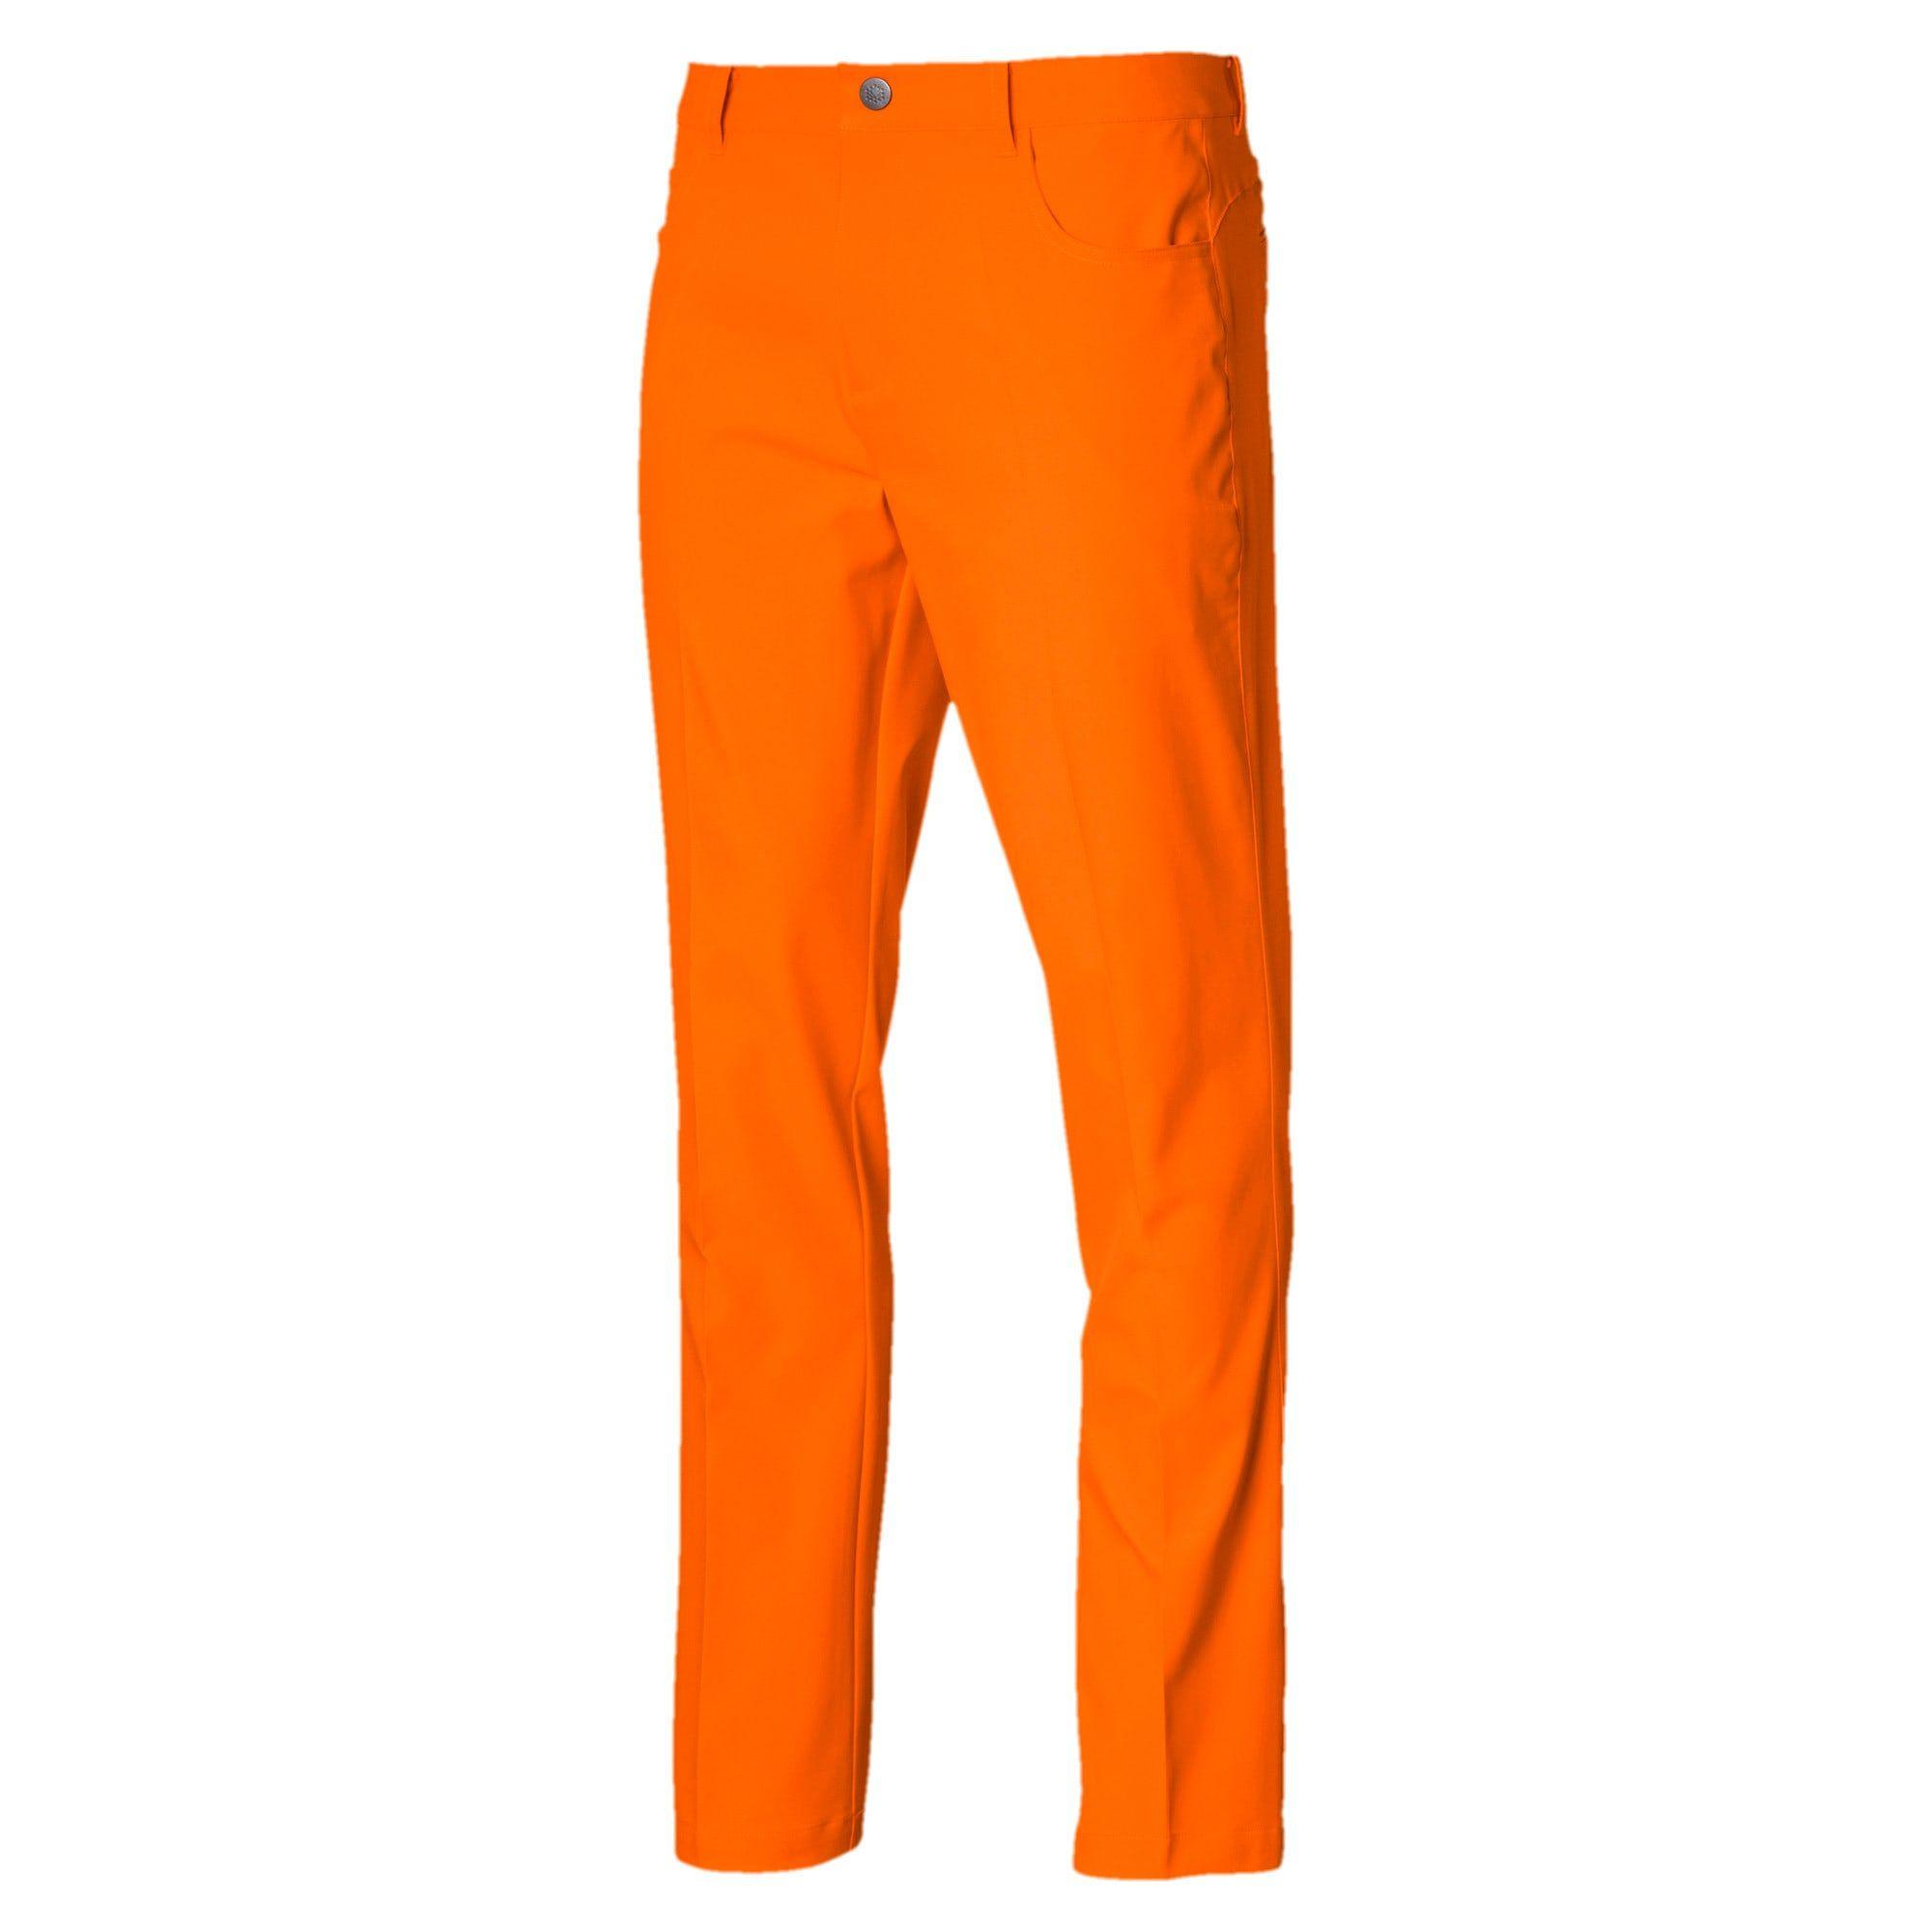 PUMA Pantalon tissé Jackpot 5 Pocket Golf pour Homme, Orange, Taille 30/32